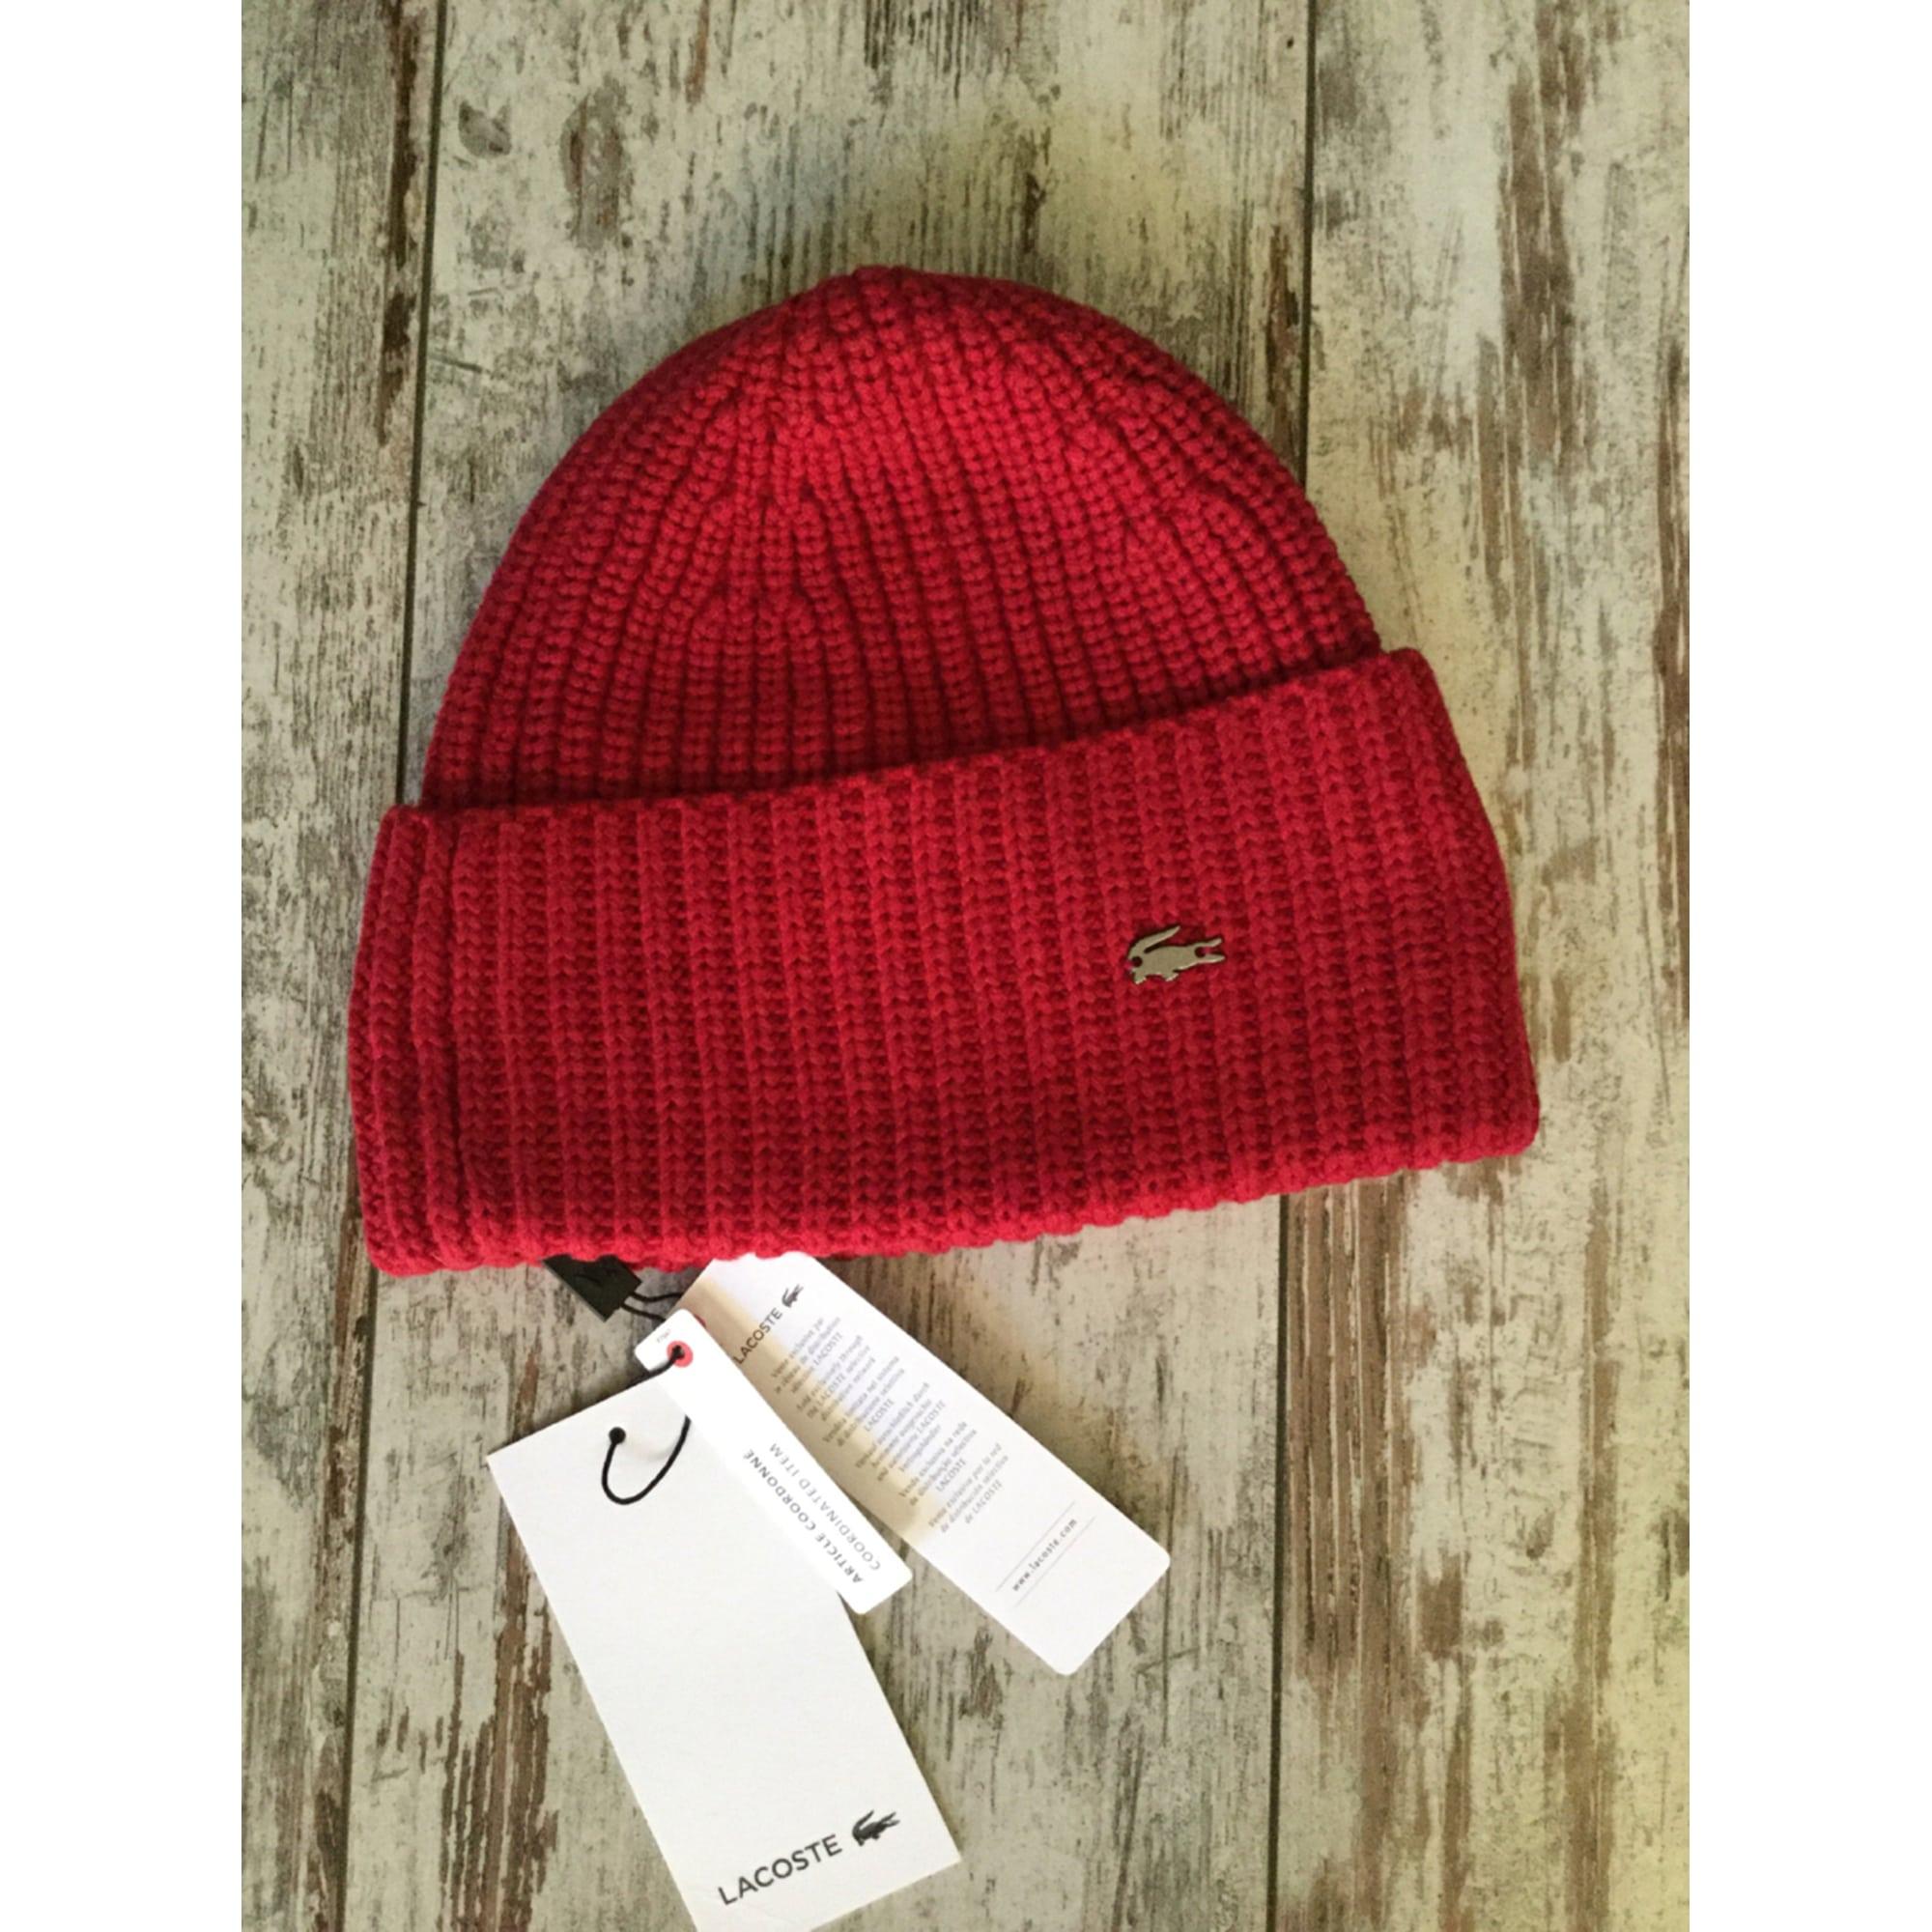 0dc7b3beb1 Bonnet LACOSTE Taille unique rouge vendu par Fredshaved - 5611637